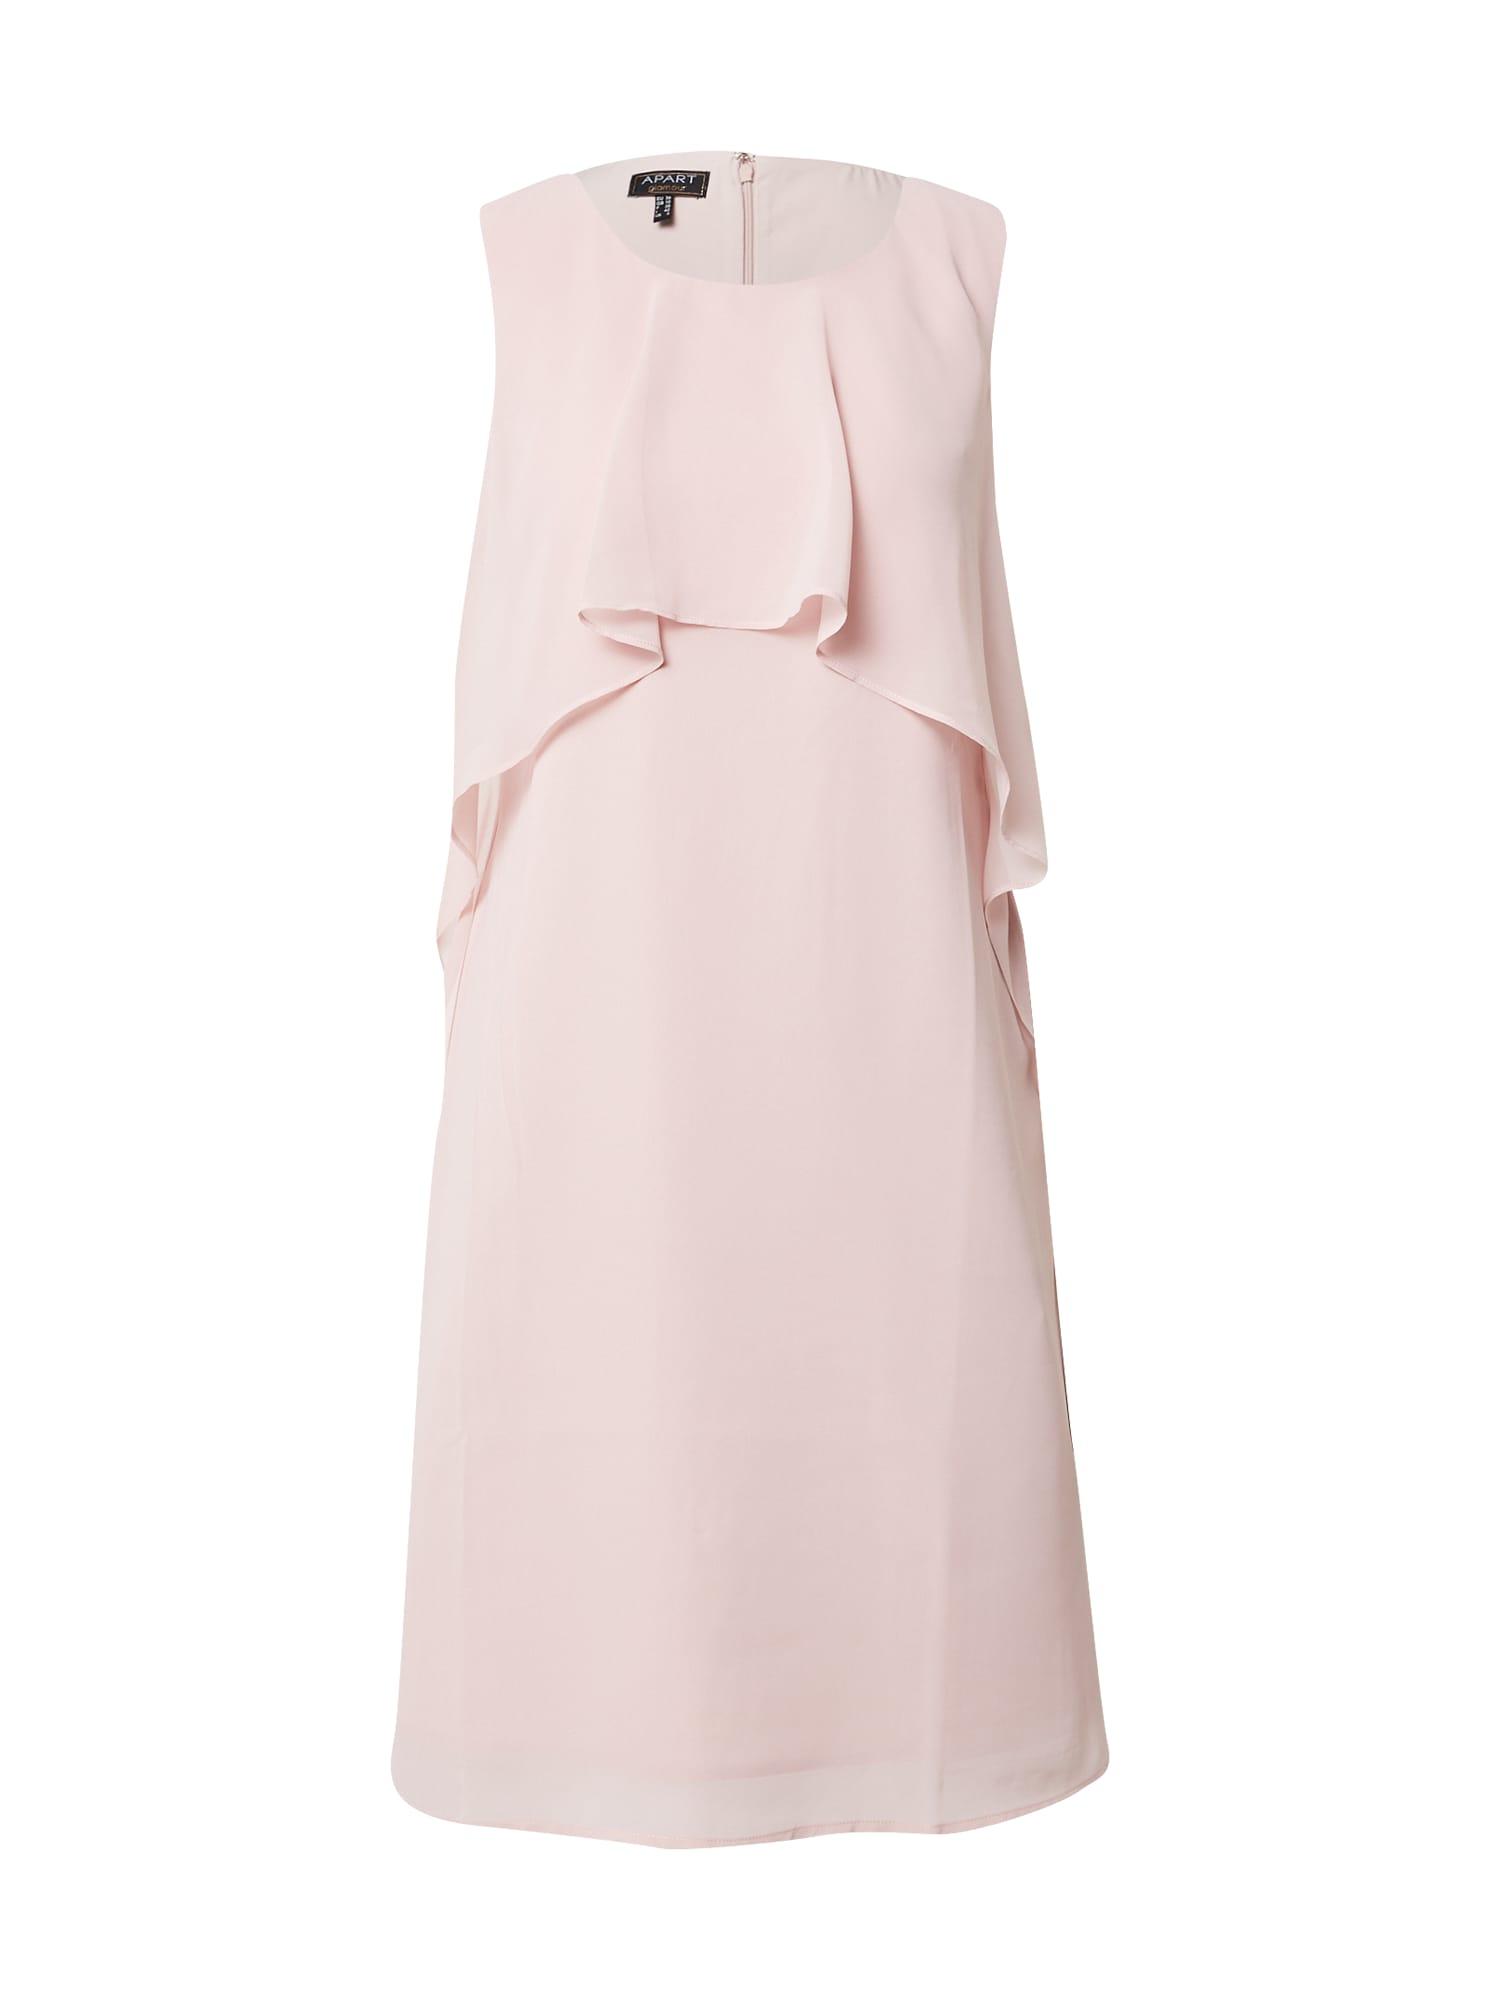 APART Kokteilinė suknelė rožių spalva